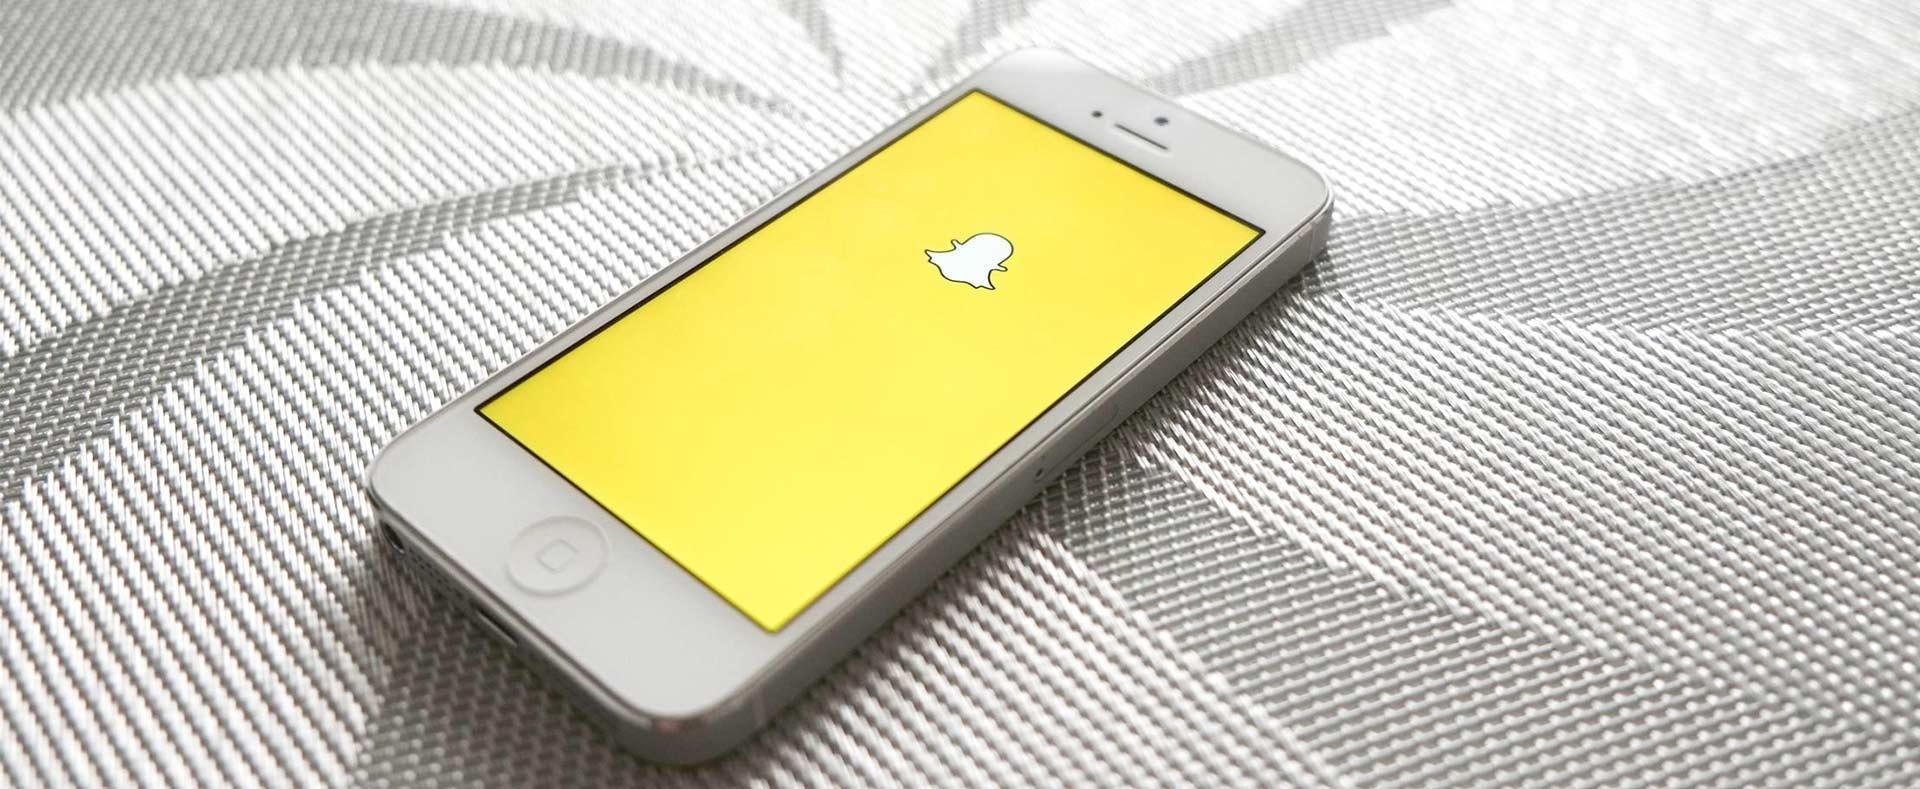 Чем интересен Snapchat, как им пользоваться на телефоне и какие минусы?